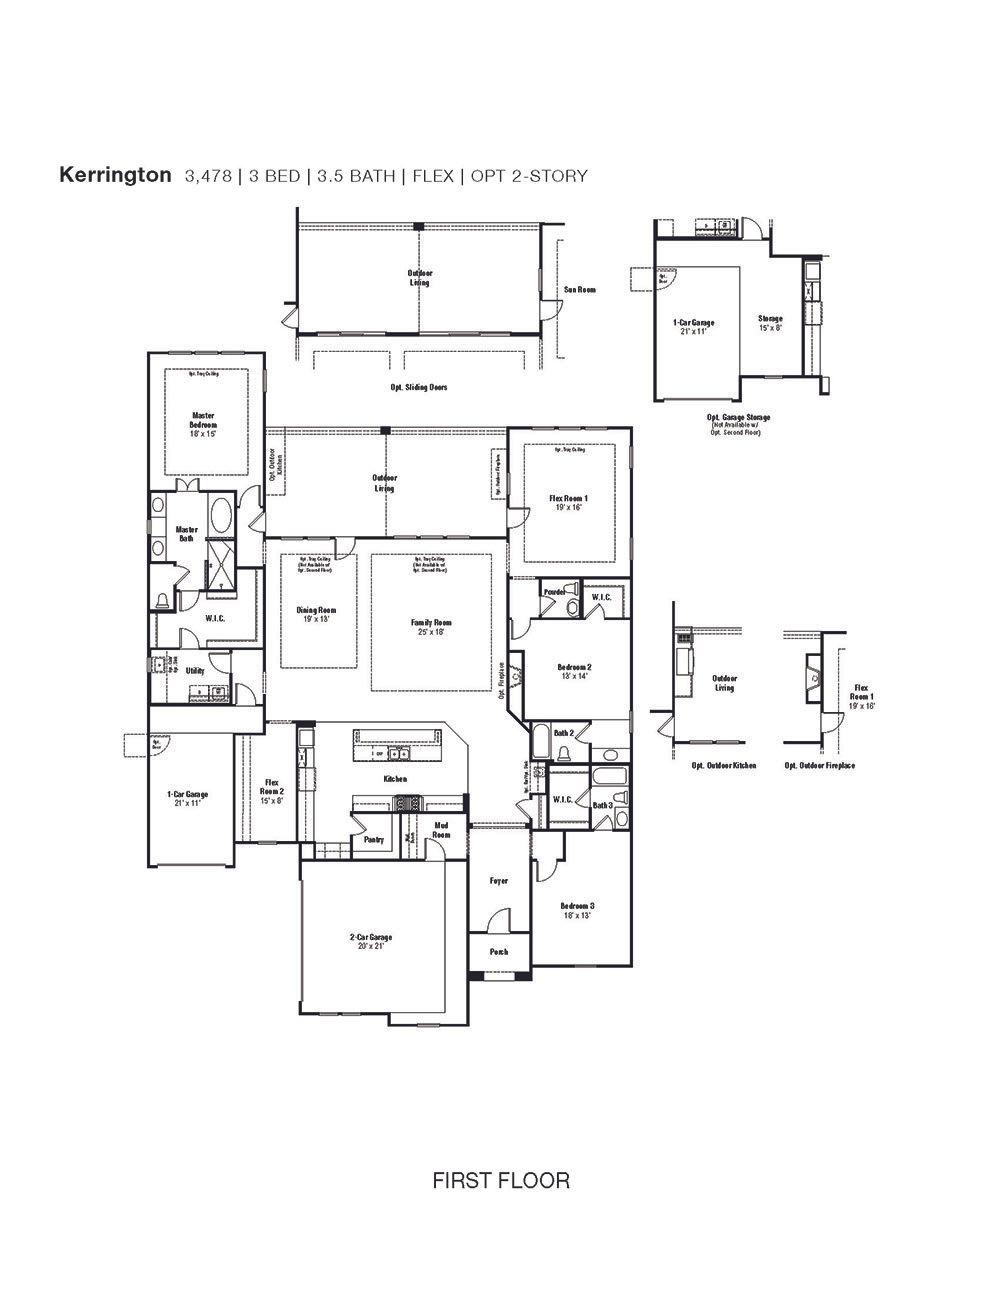 Kerrington 1